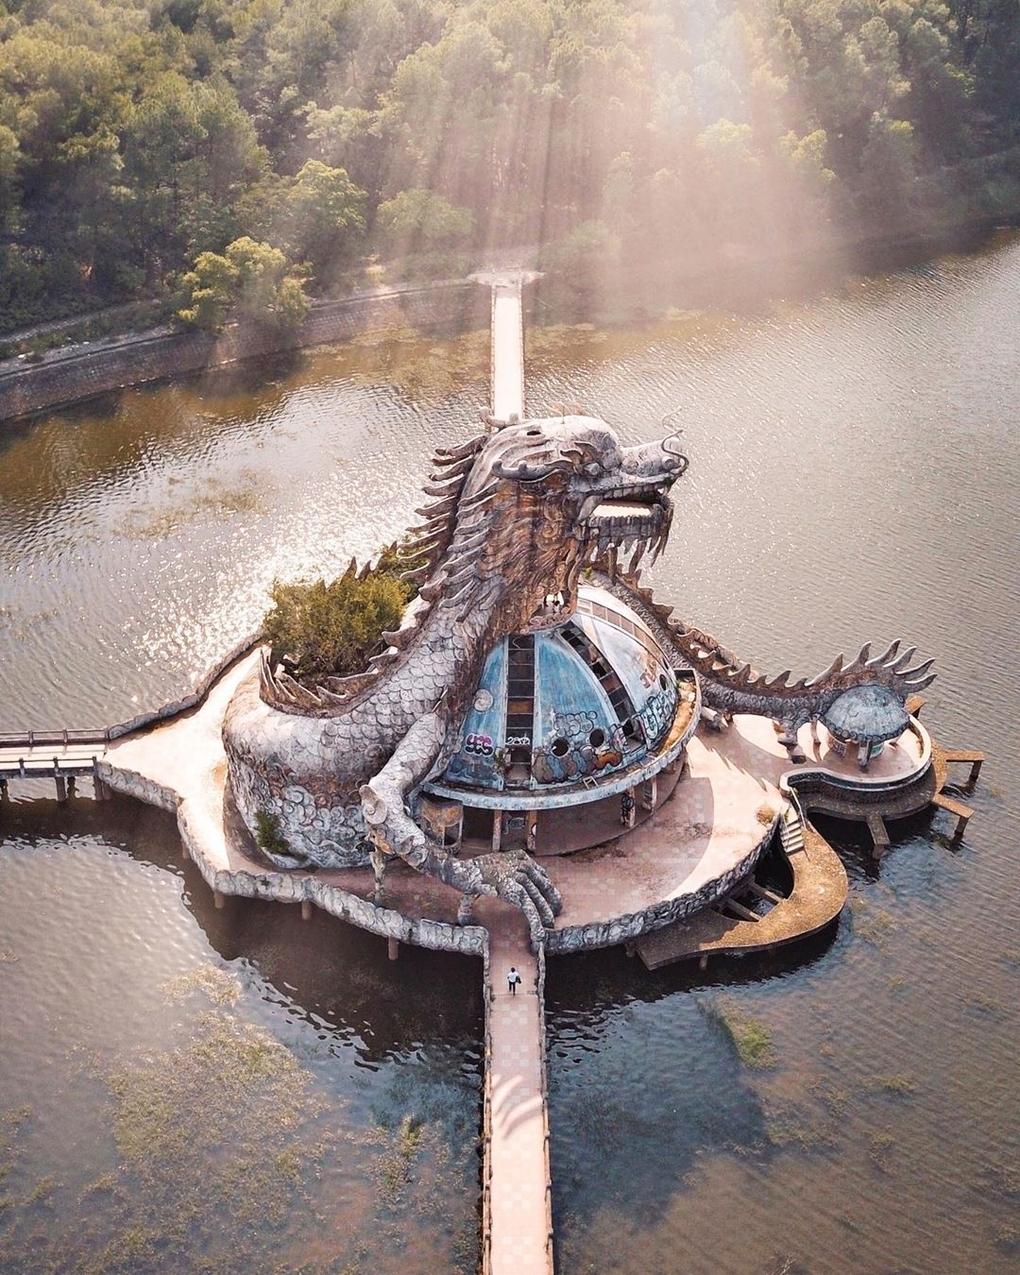 Công viên bỏ hoang đẹp bí ẩn dưới ống kính du khách